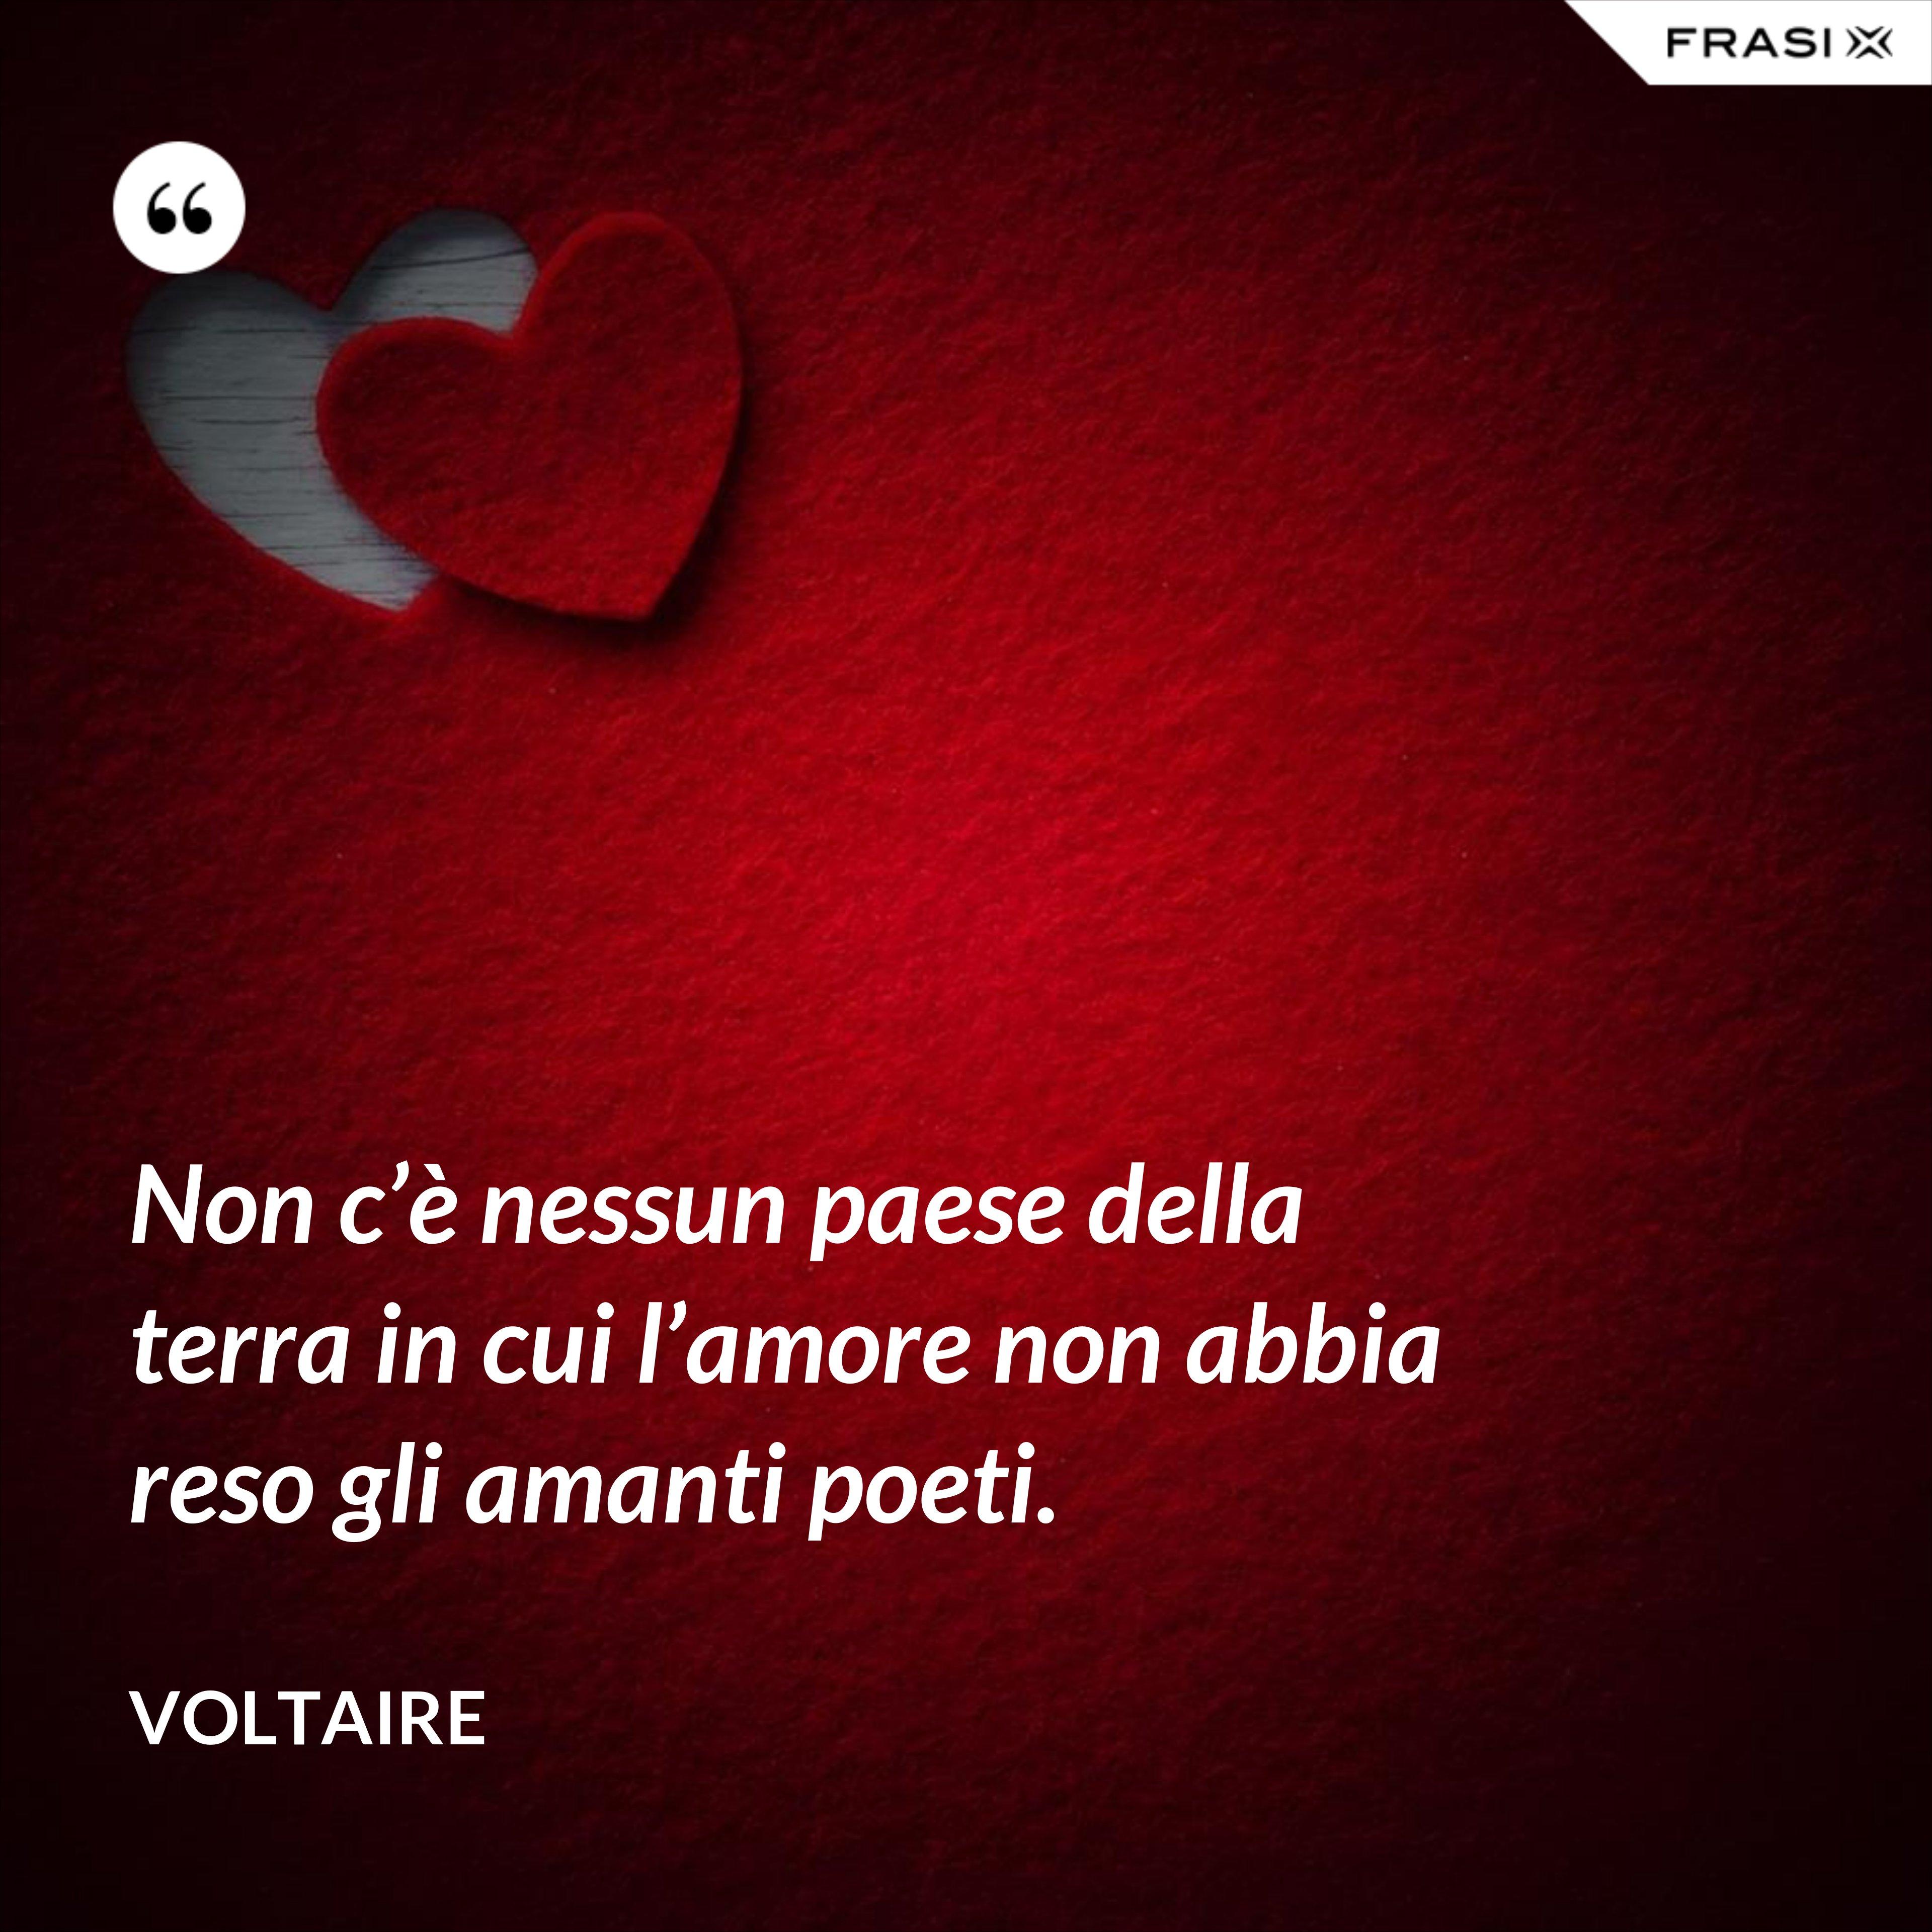 Non c'è nessun paese della terra in cui l'amore non abbia reso gli amanti poeti. - Voltaire